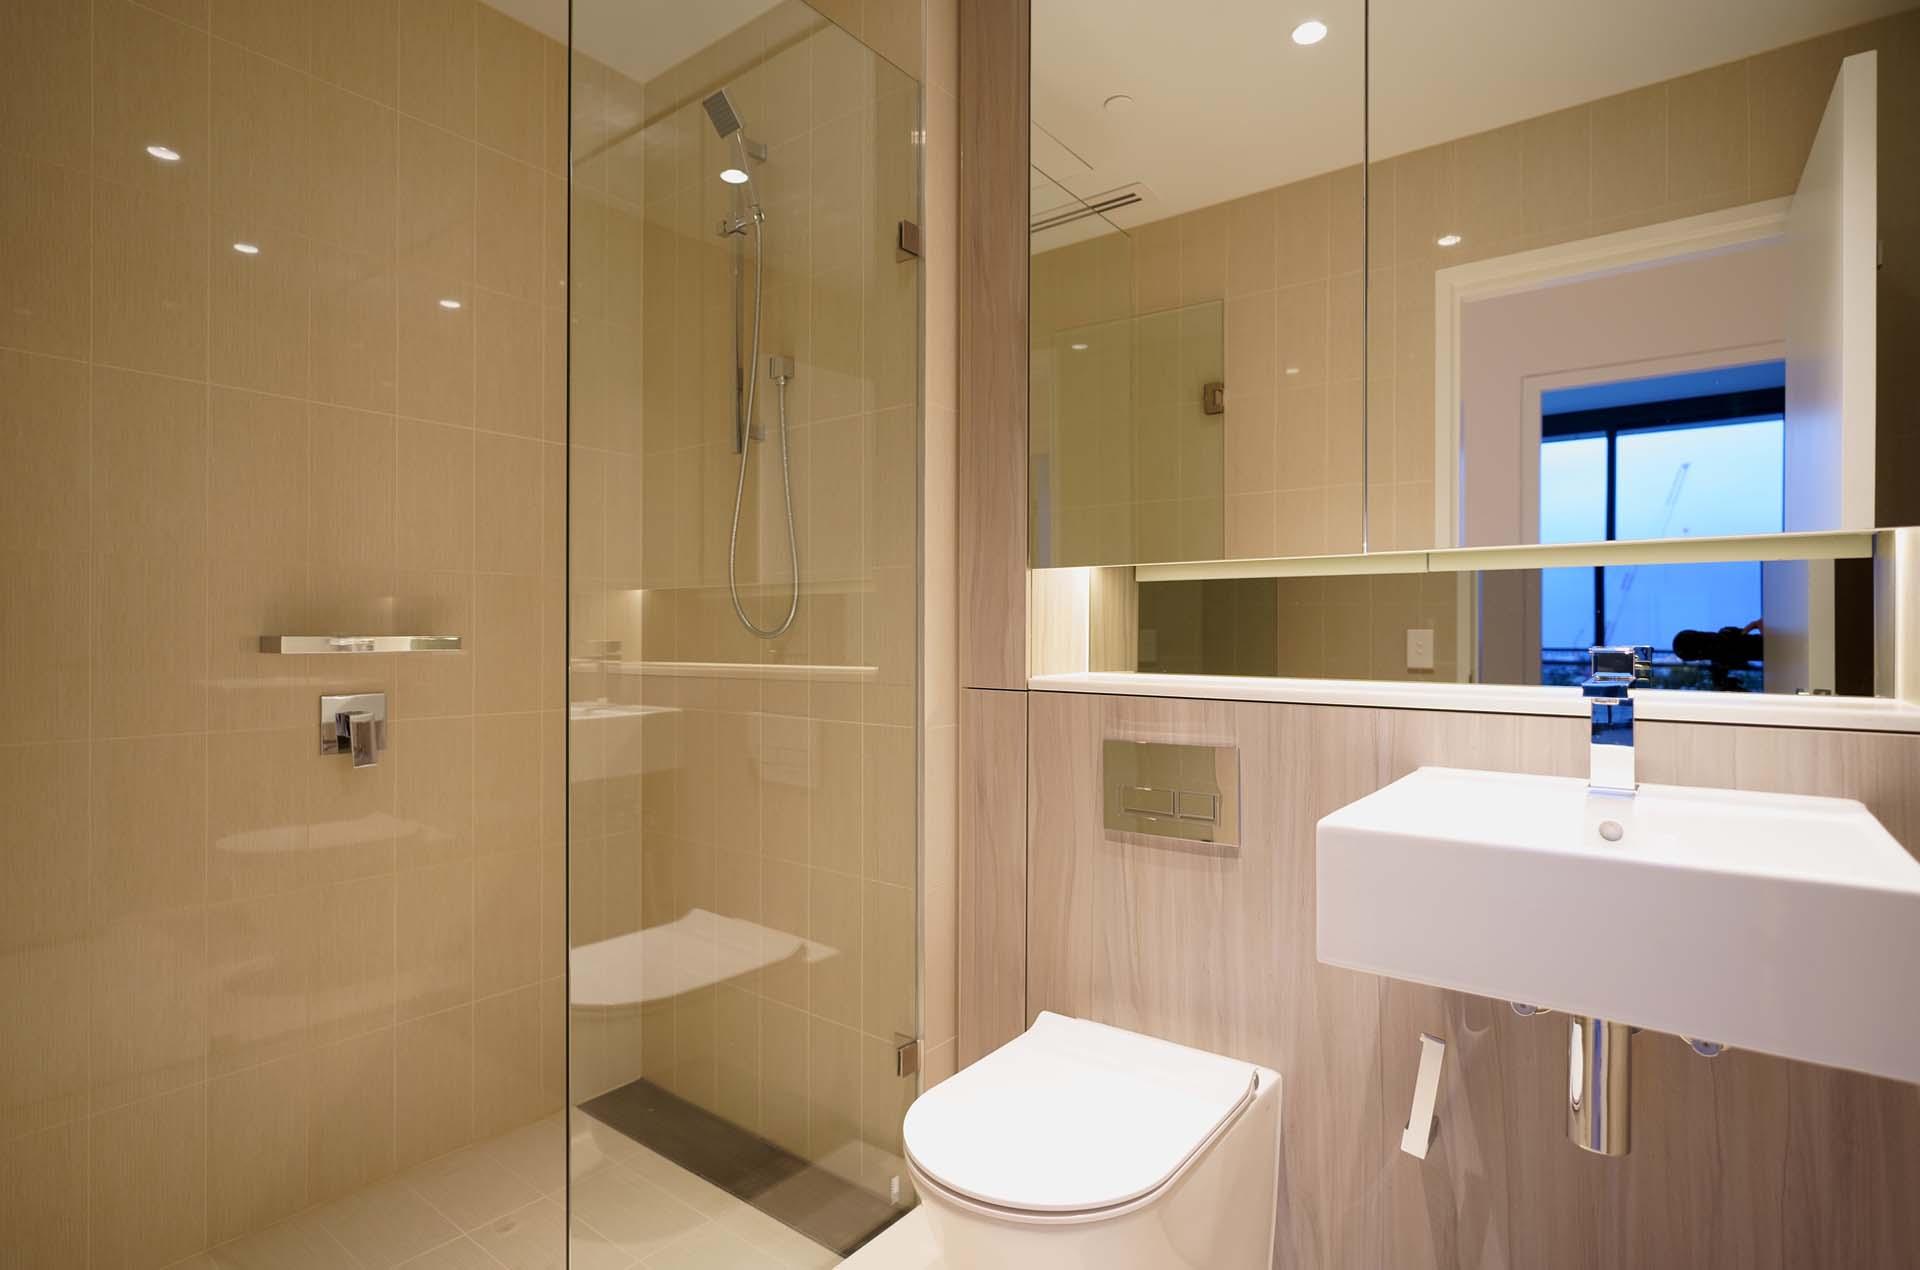 3 bedroom apartment for rent in zetland 2017